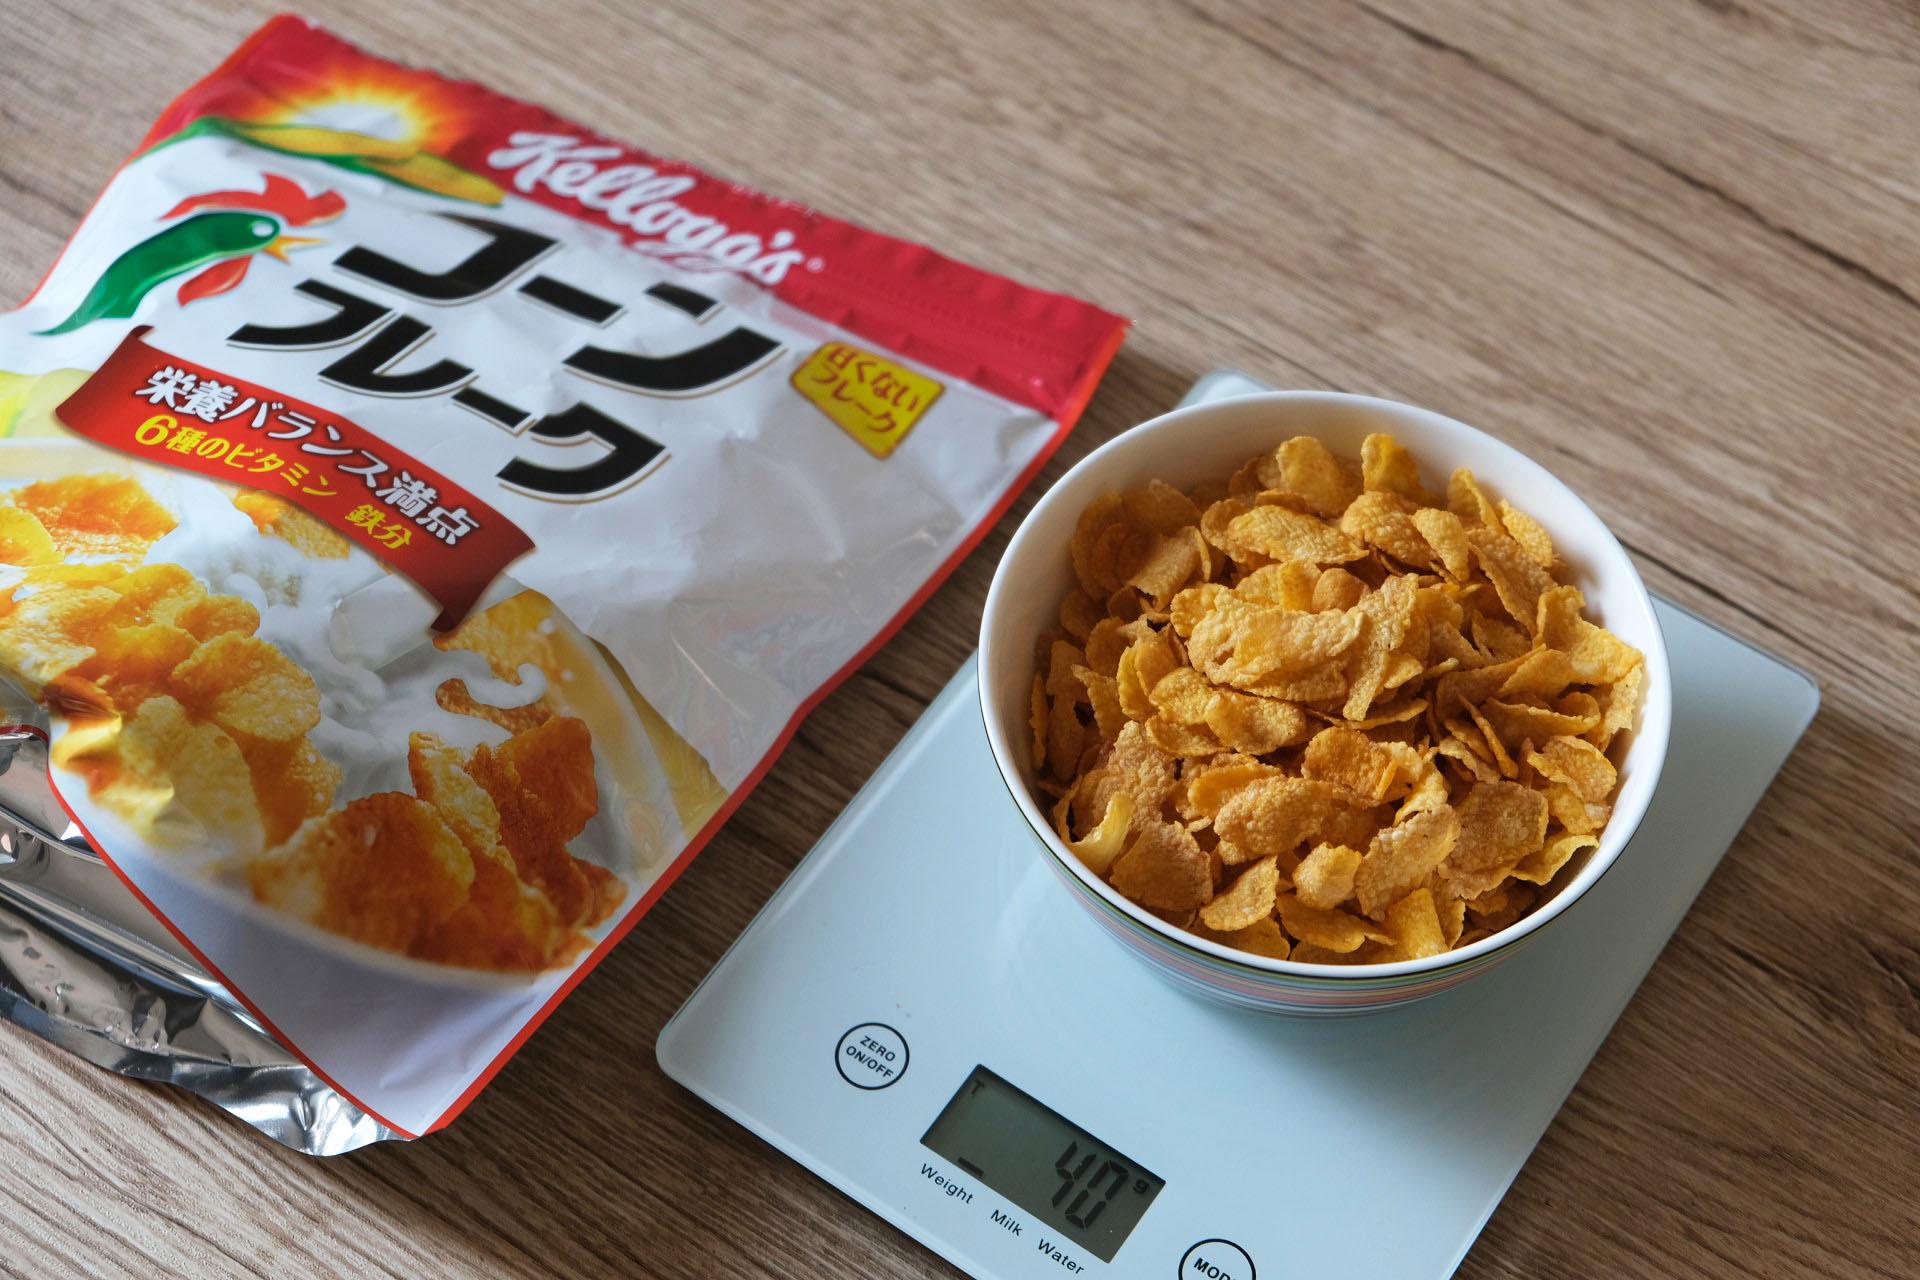 「コーンフレーク」のグラムごとの食べる量目安と牛乳・ヨーグルト・豆乳をかけた時の栄養成分まとめ